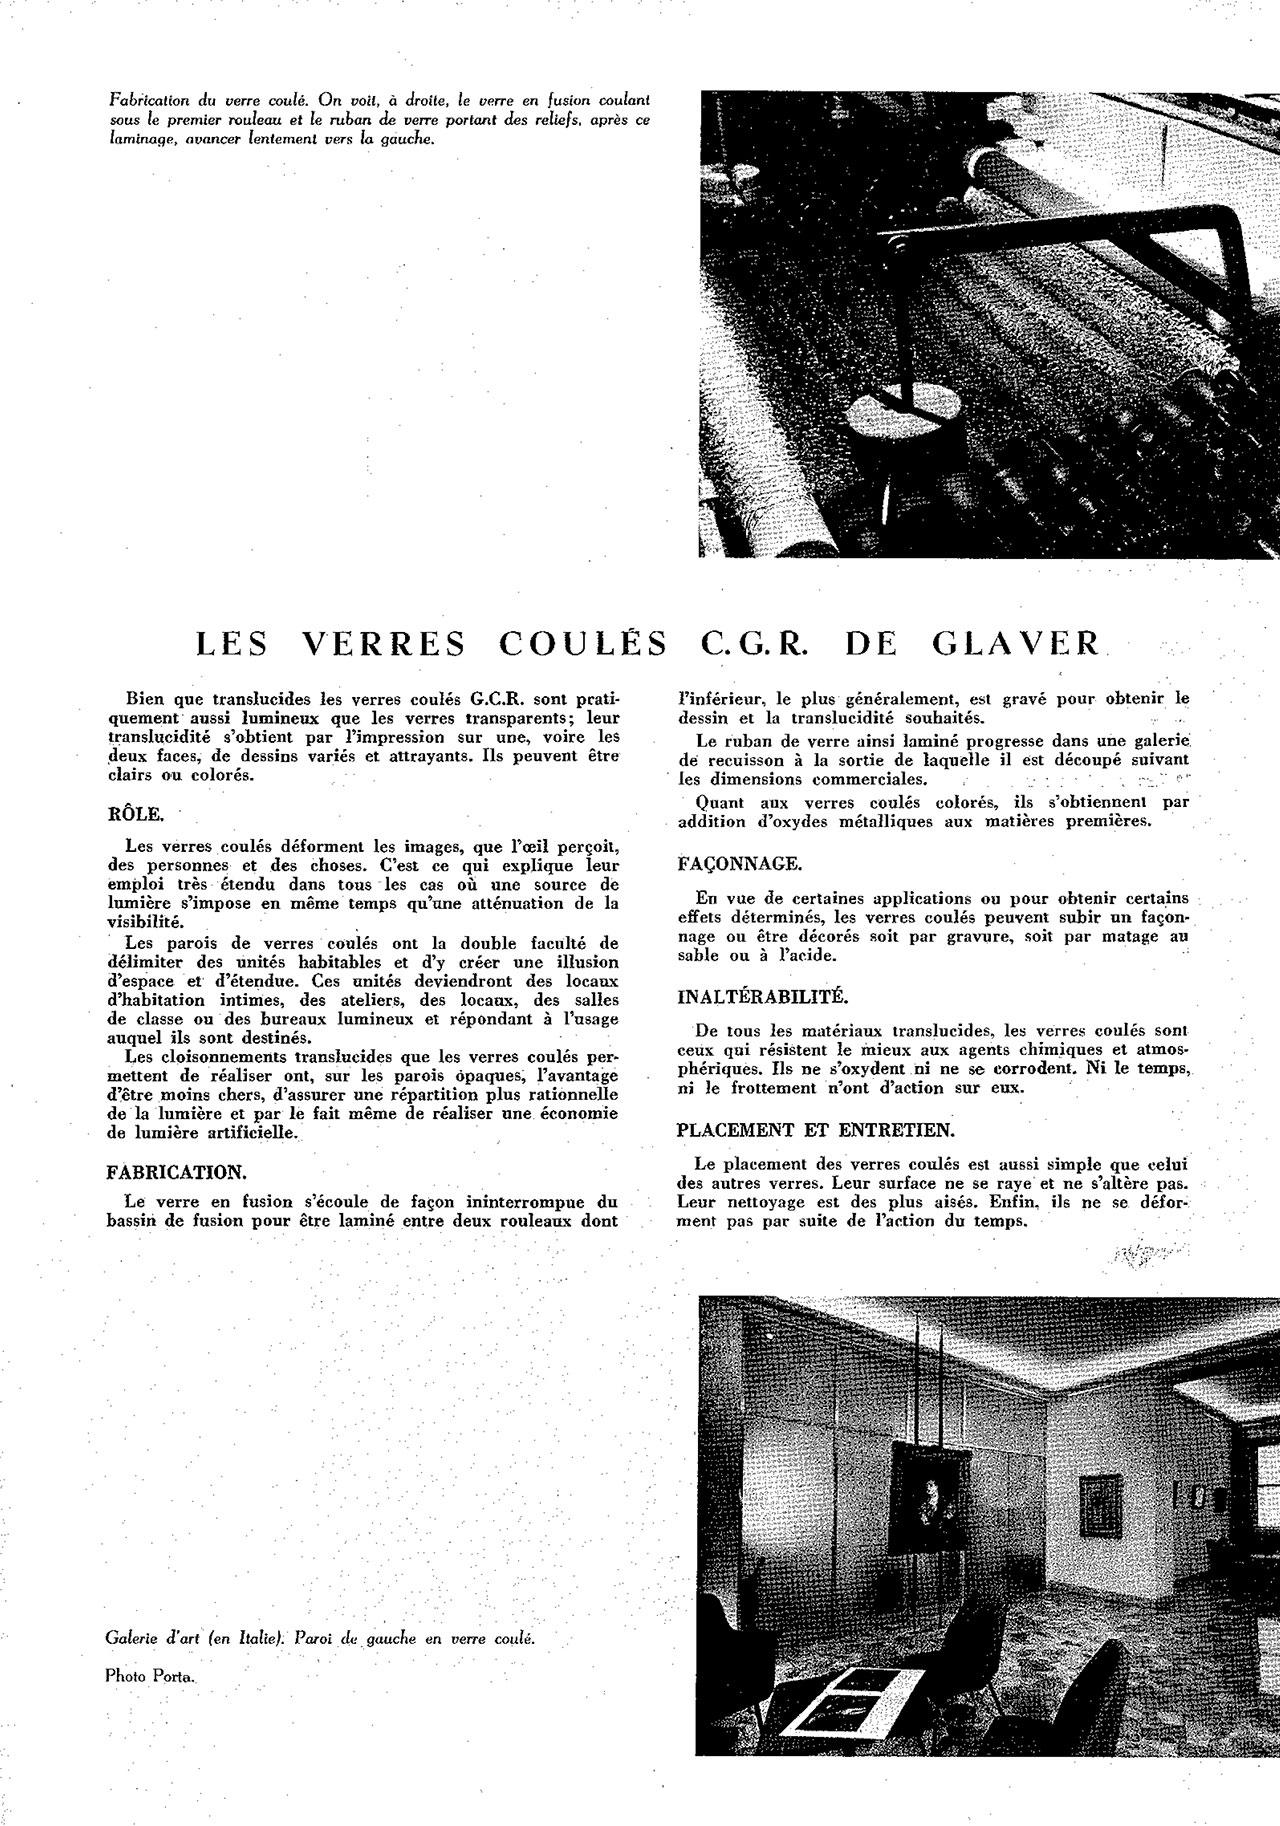 Cahier technique de glaver, un ruban de verre autour du monde